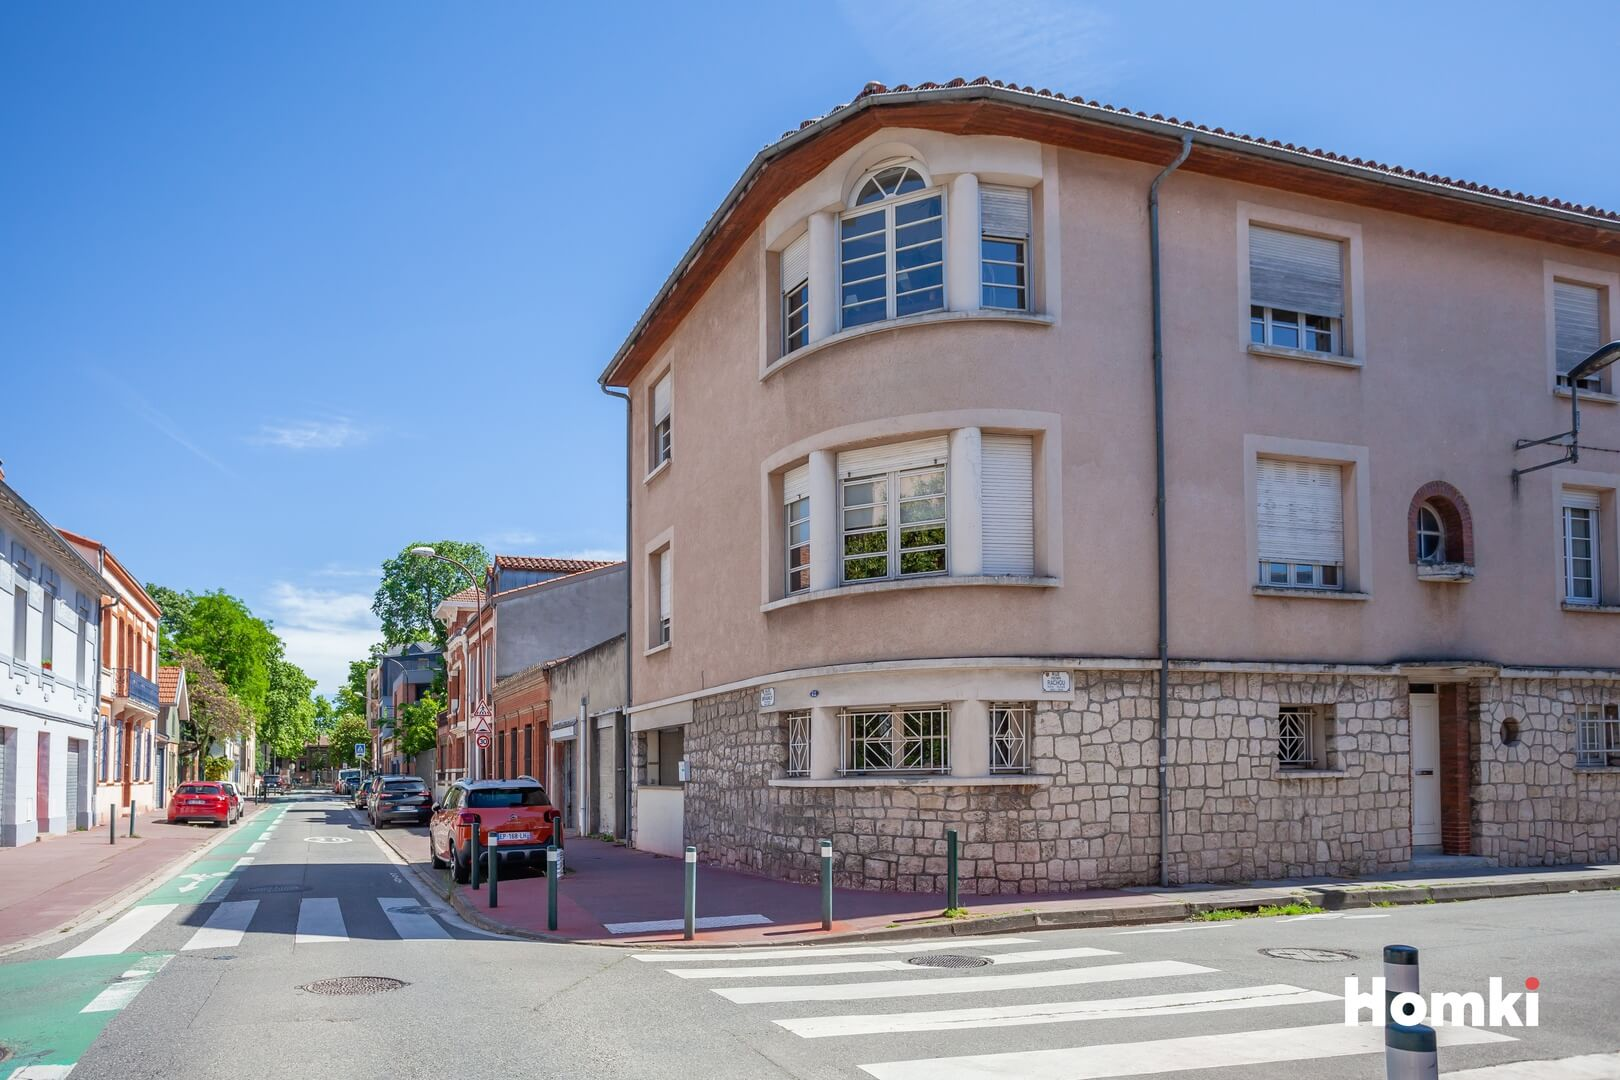 Homki - Vente Appartement  de 61.0 m² à Toulouse 31400